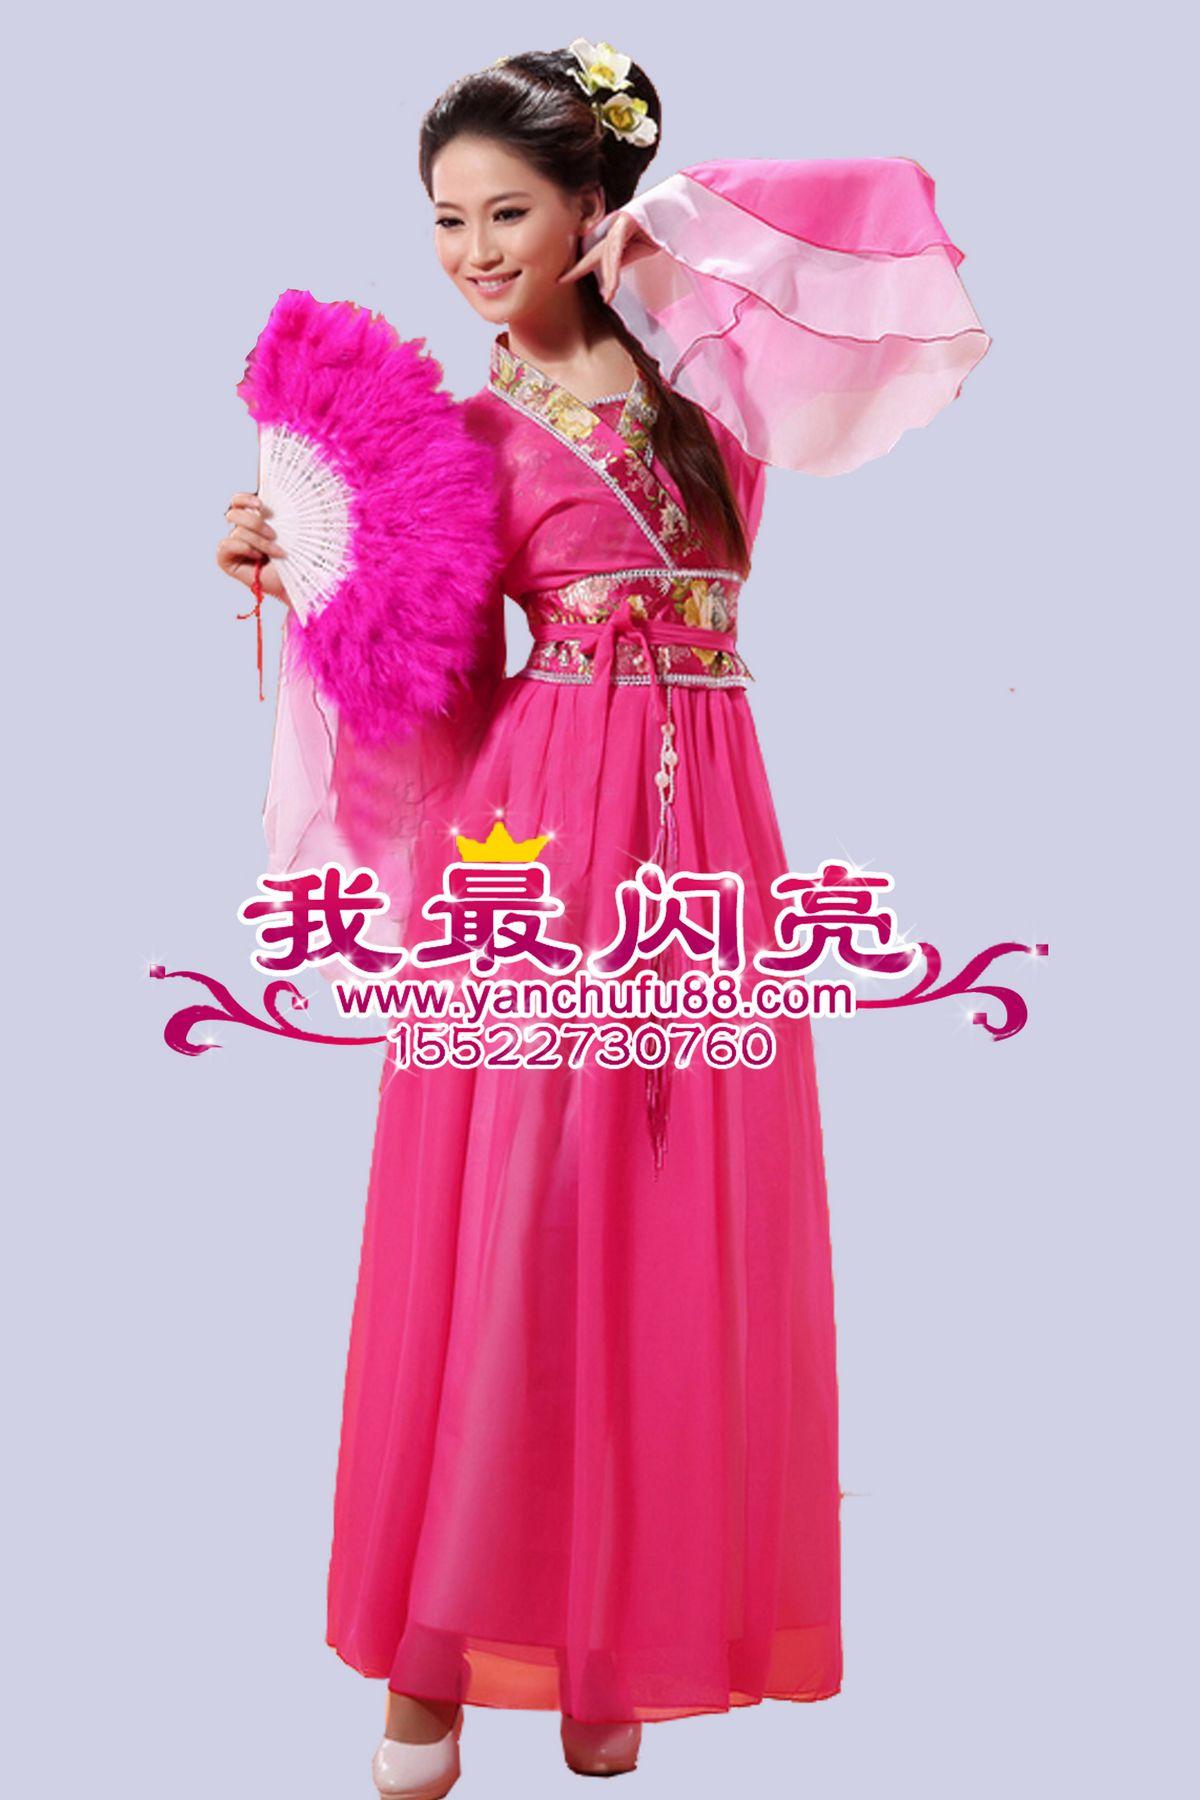 首页 服装分类 古代服装 美女古装